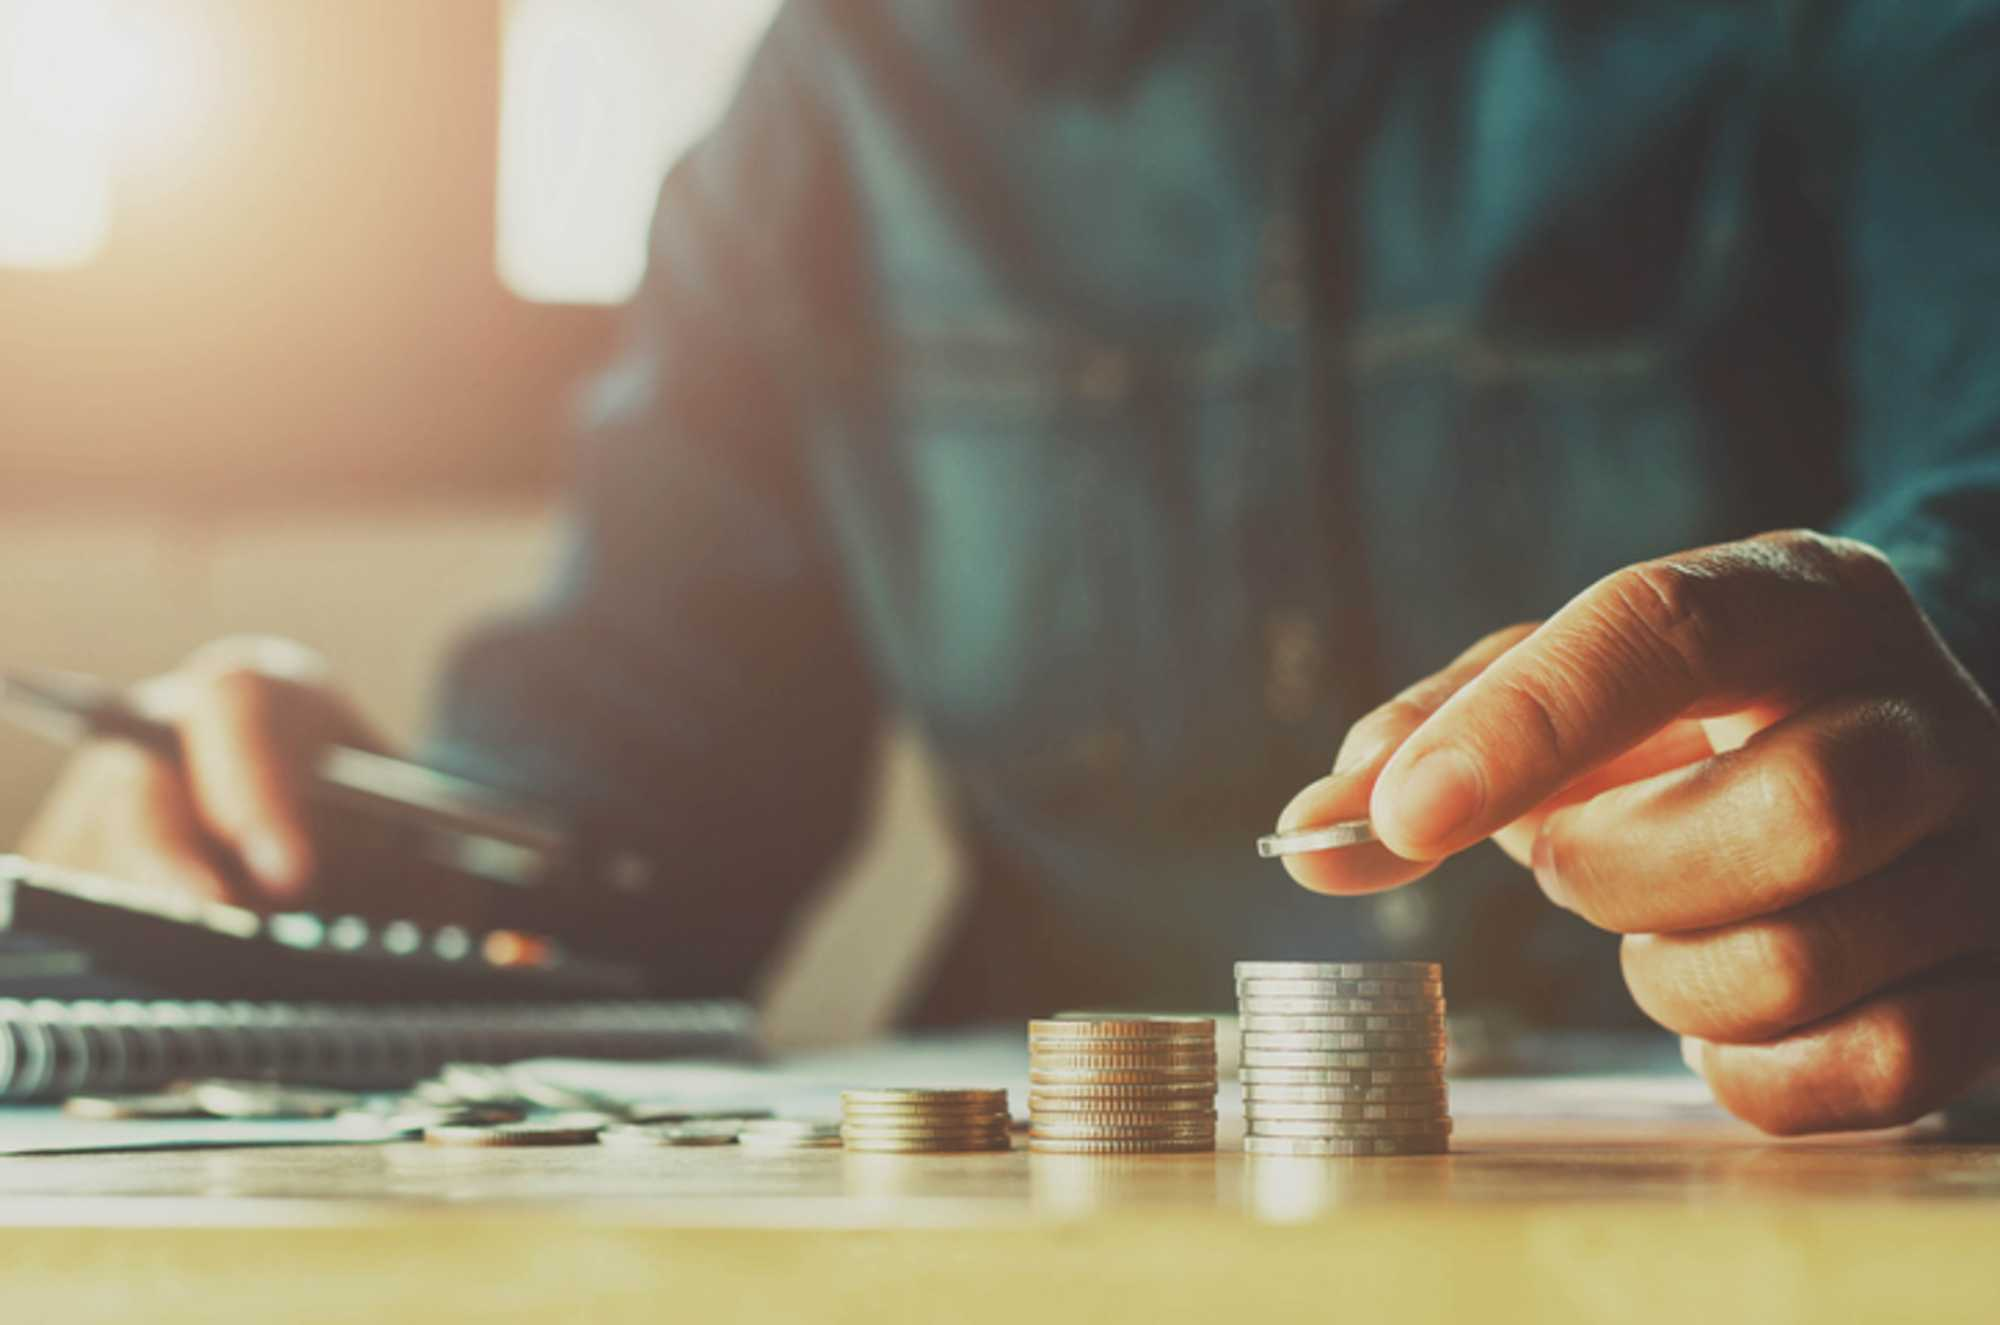 ¿Qué es un microcrédito? | Vive Más Vidas